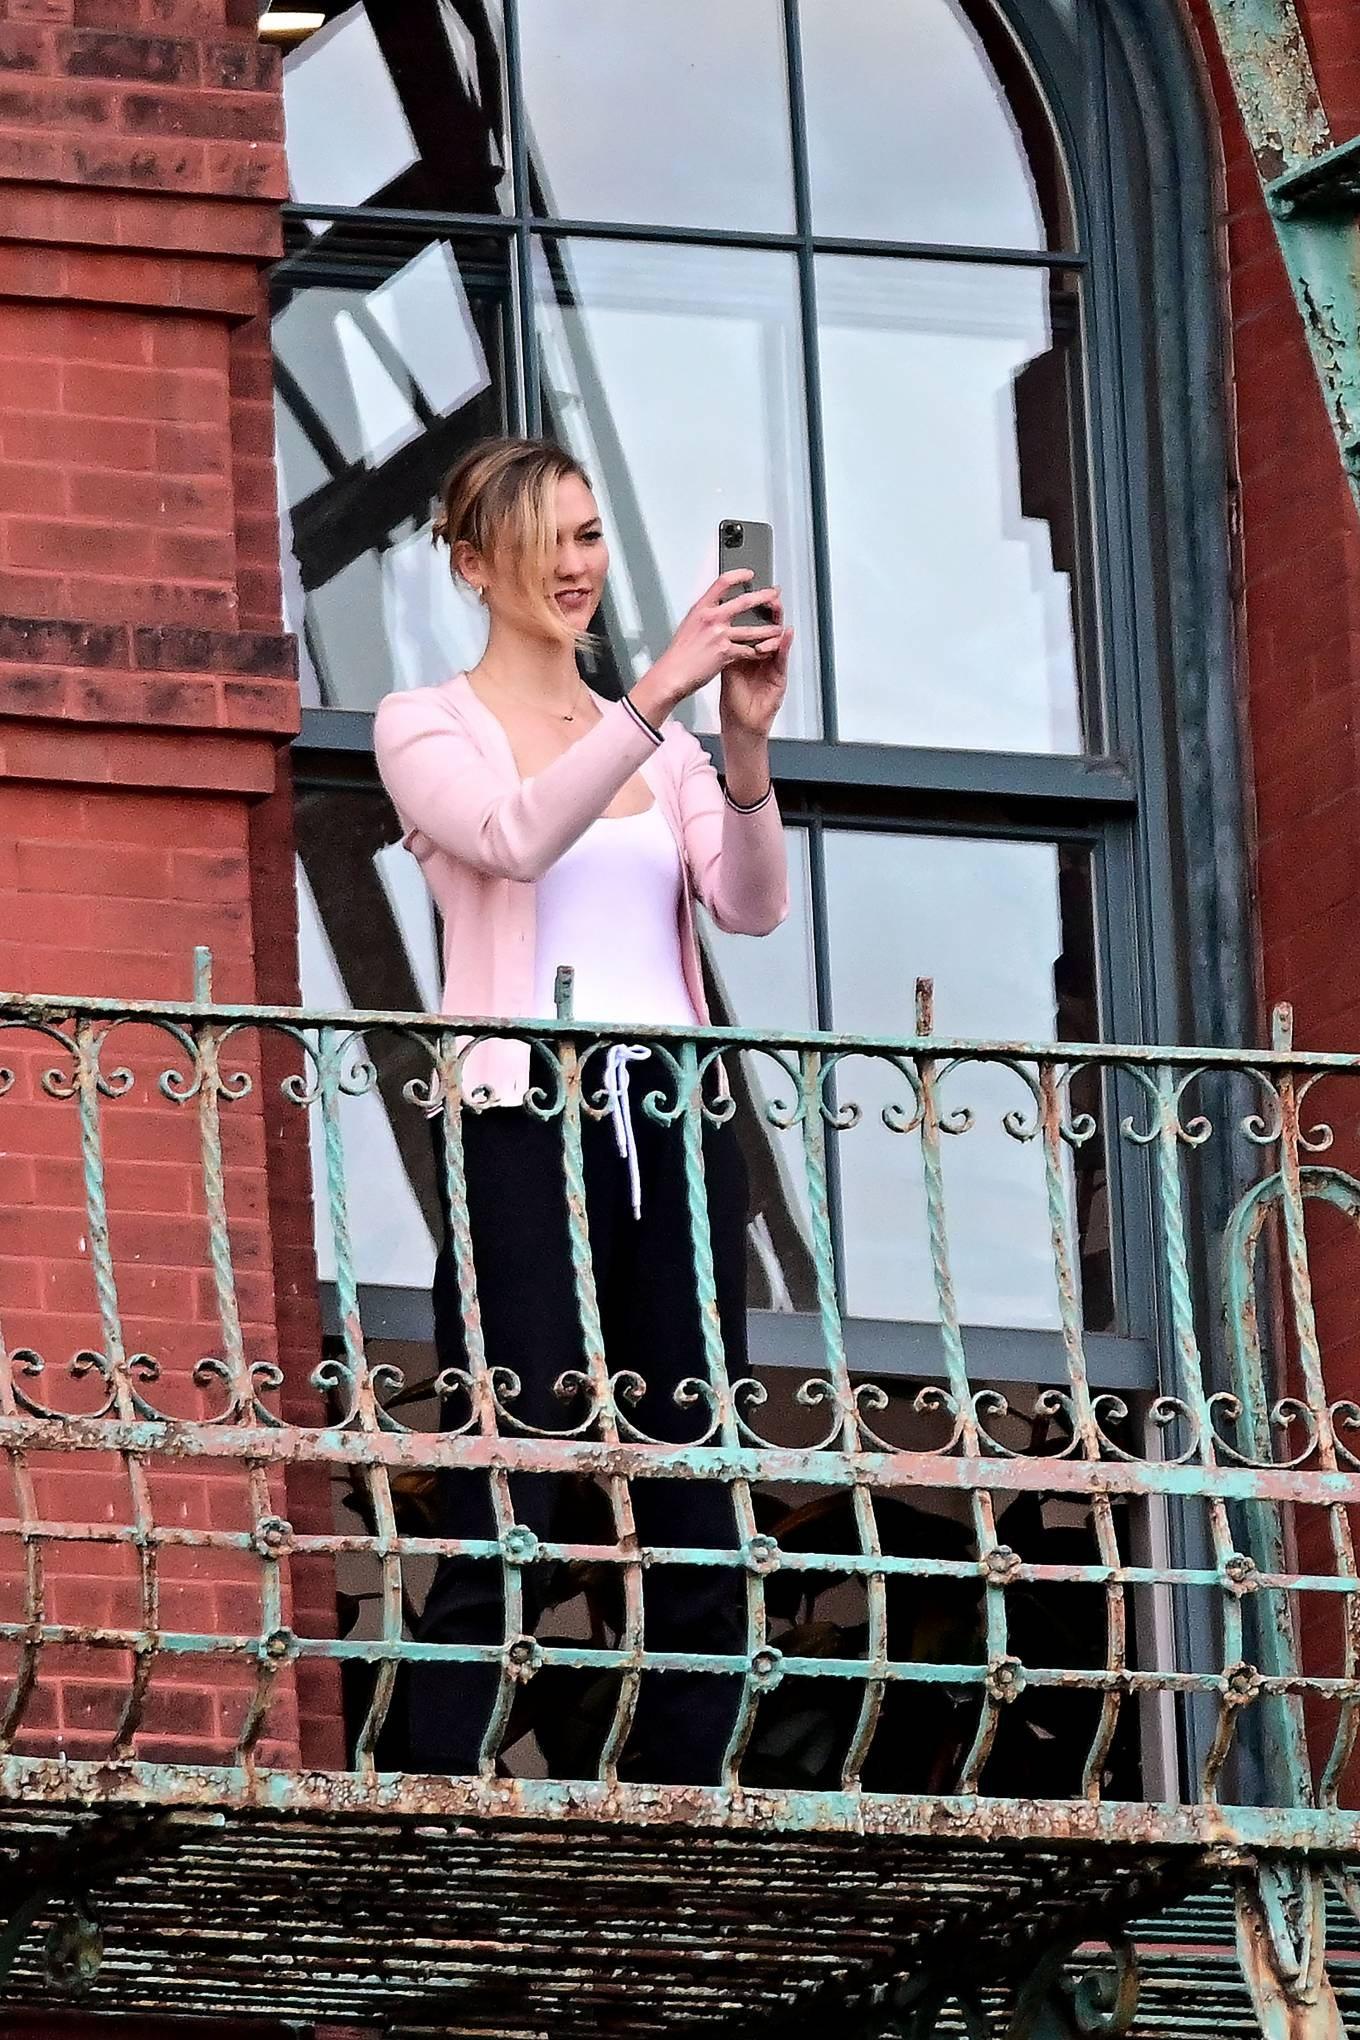 Karlie Kloss wearing Black high waist trousers